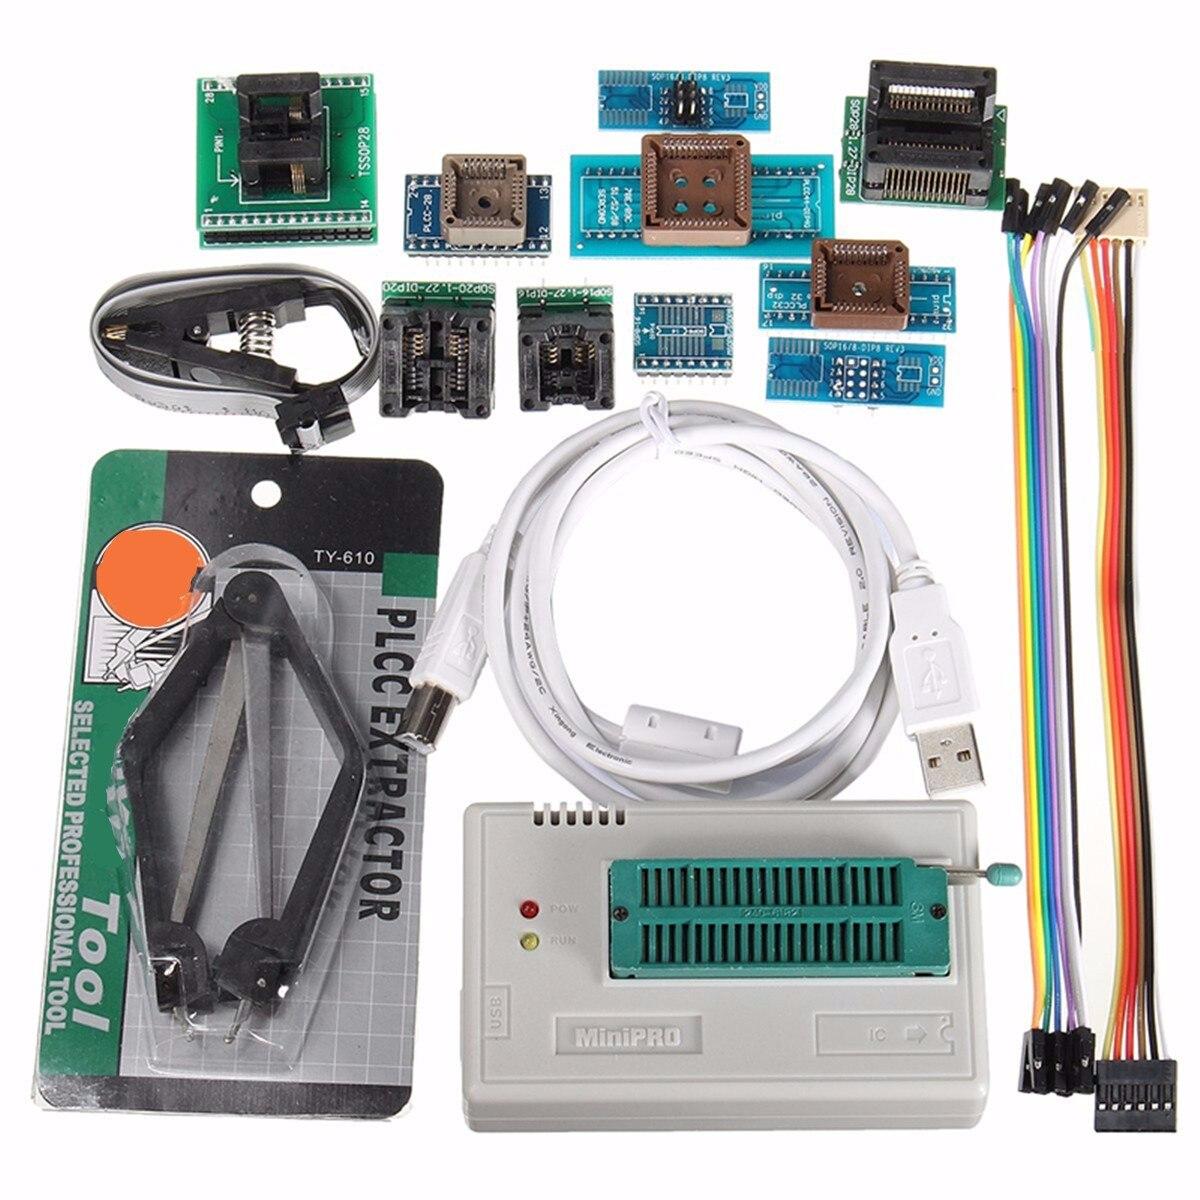 En gros TL866II USB Mini Pro Programmeur Avec 10 pièces Adaptateur EEPROM FLASH AVR MCU SPI ICSP